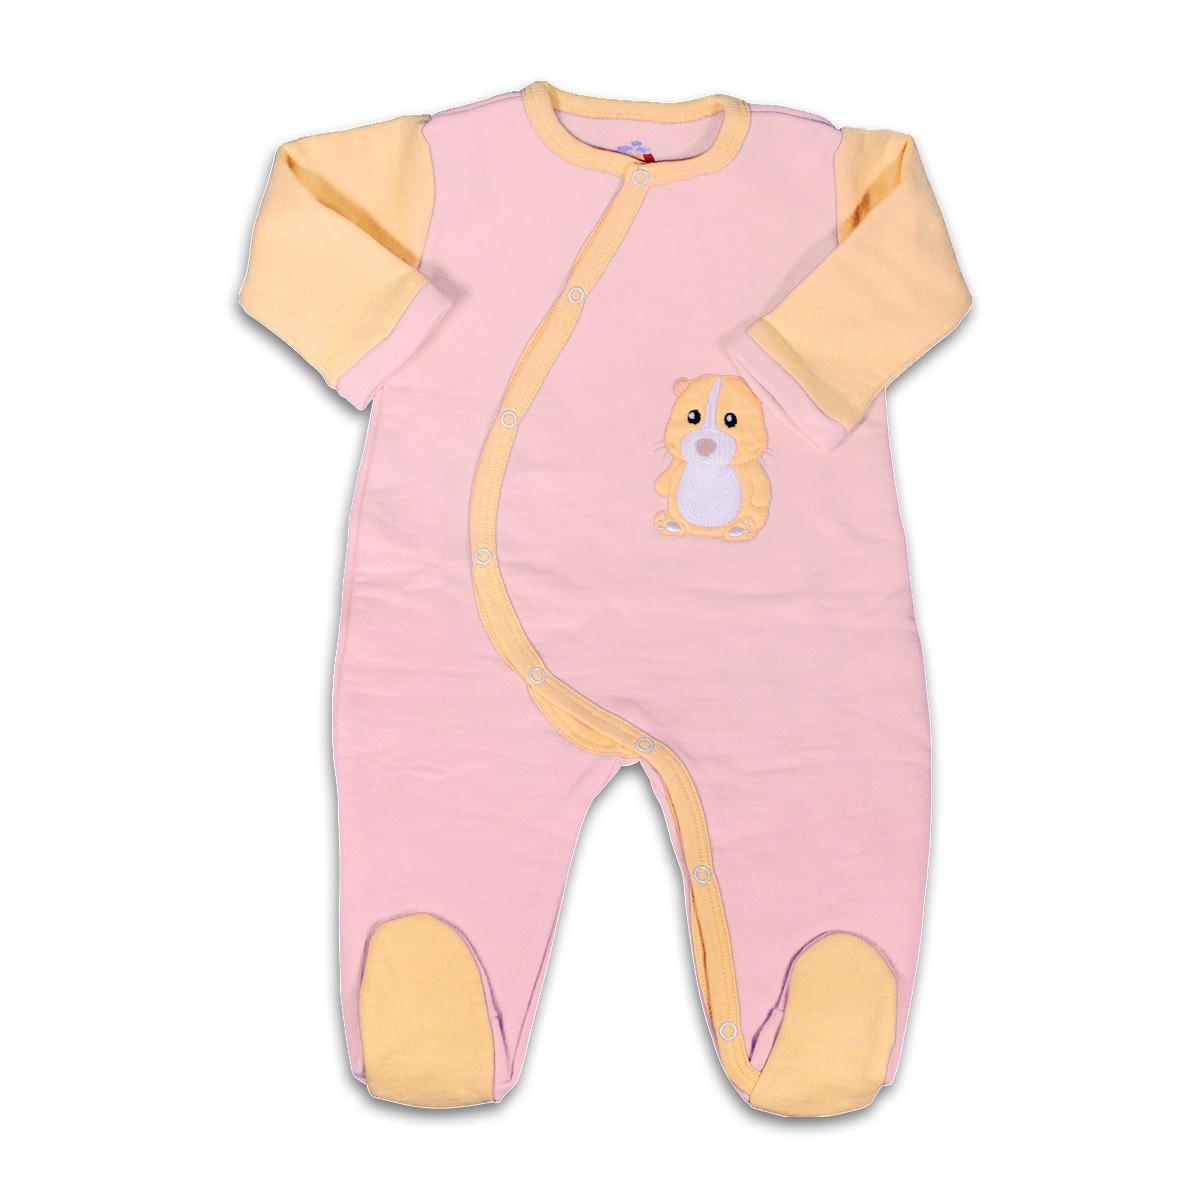 Chill n Feel - Warmer Baby-Schlafanzug Meerschweinchen aus Pima Biobaumwolle Rosé Orange (4)